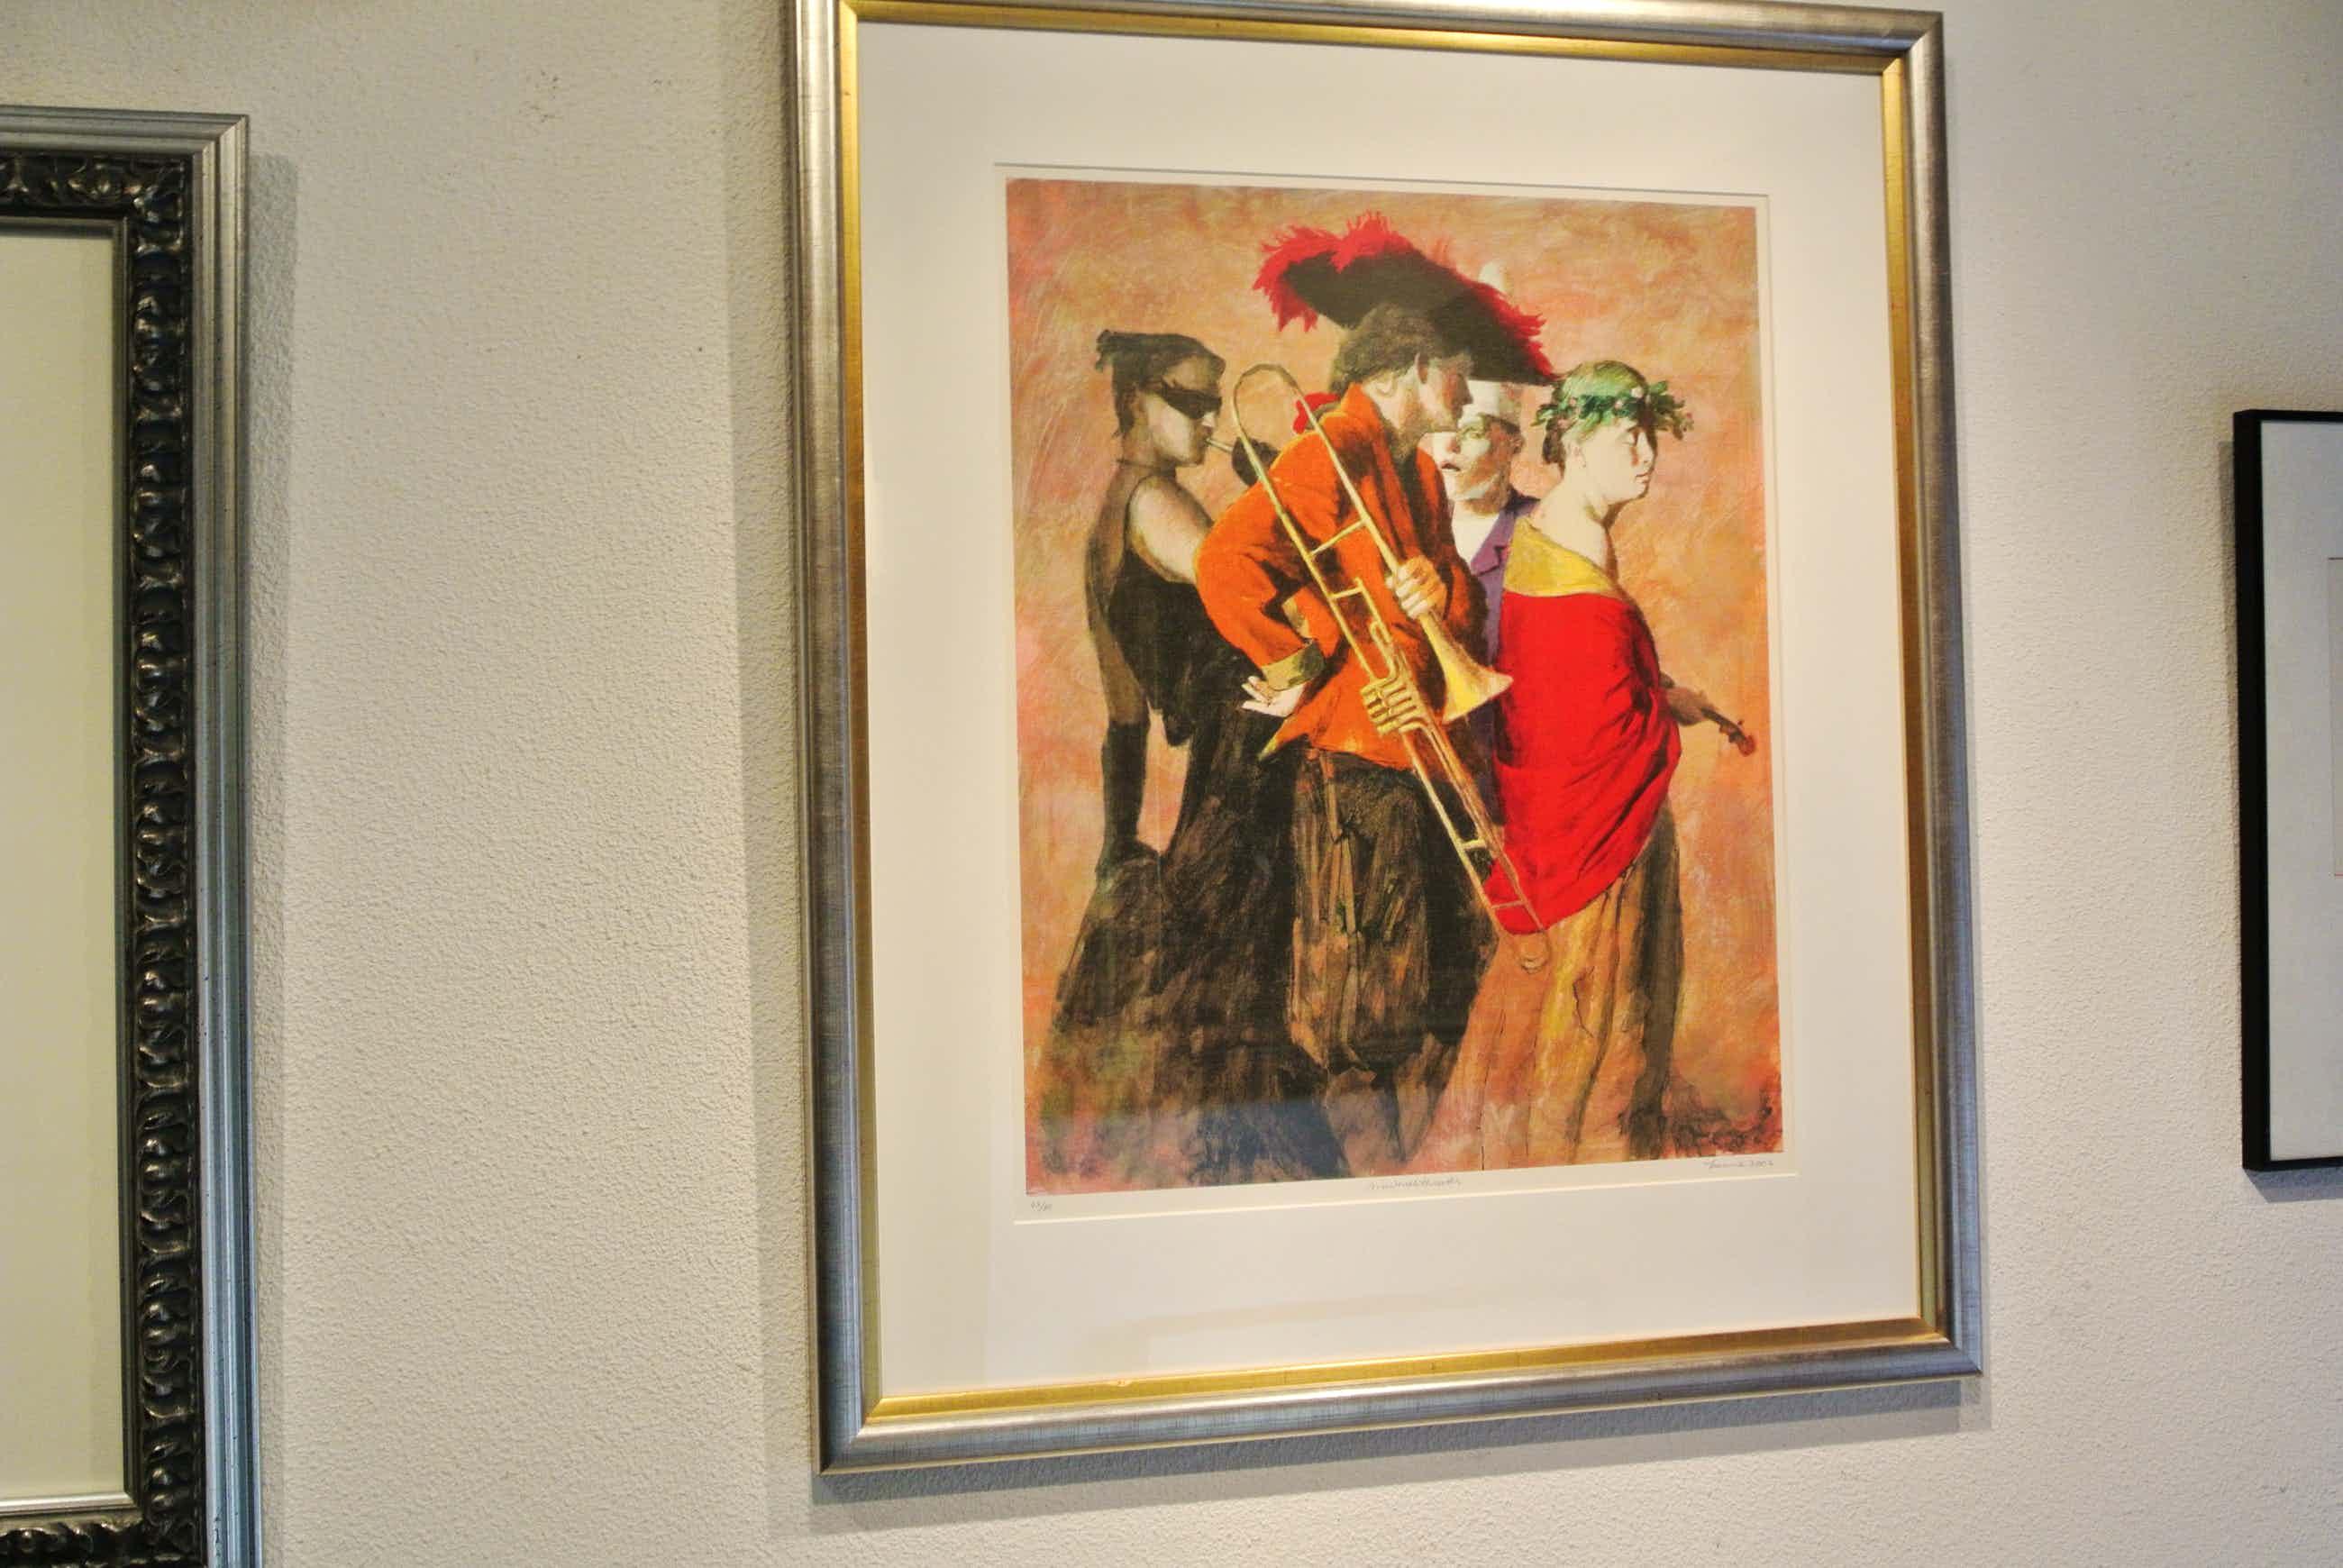 Kenne Gregoire - Muzikanten(Marionetten Theater) Ged.2002 kopen? Bied vanaf 90!